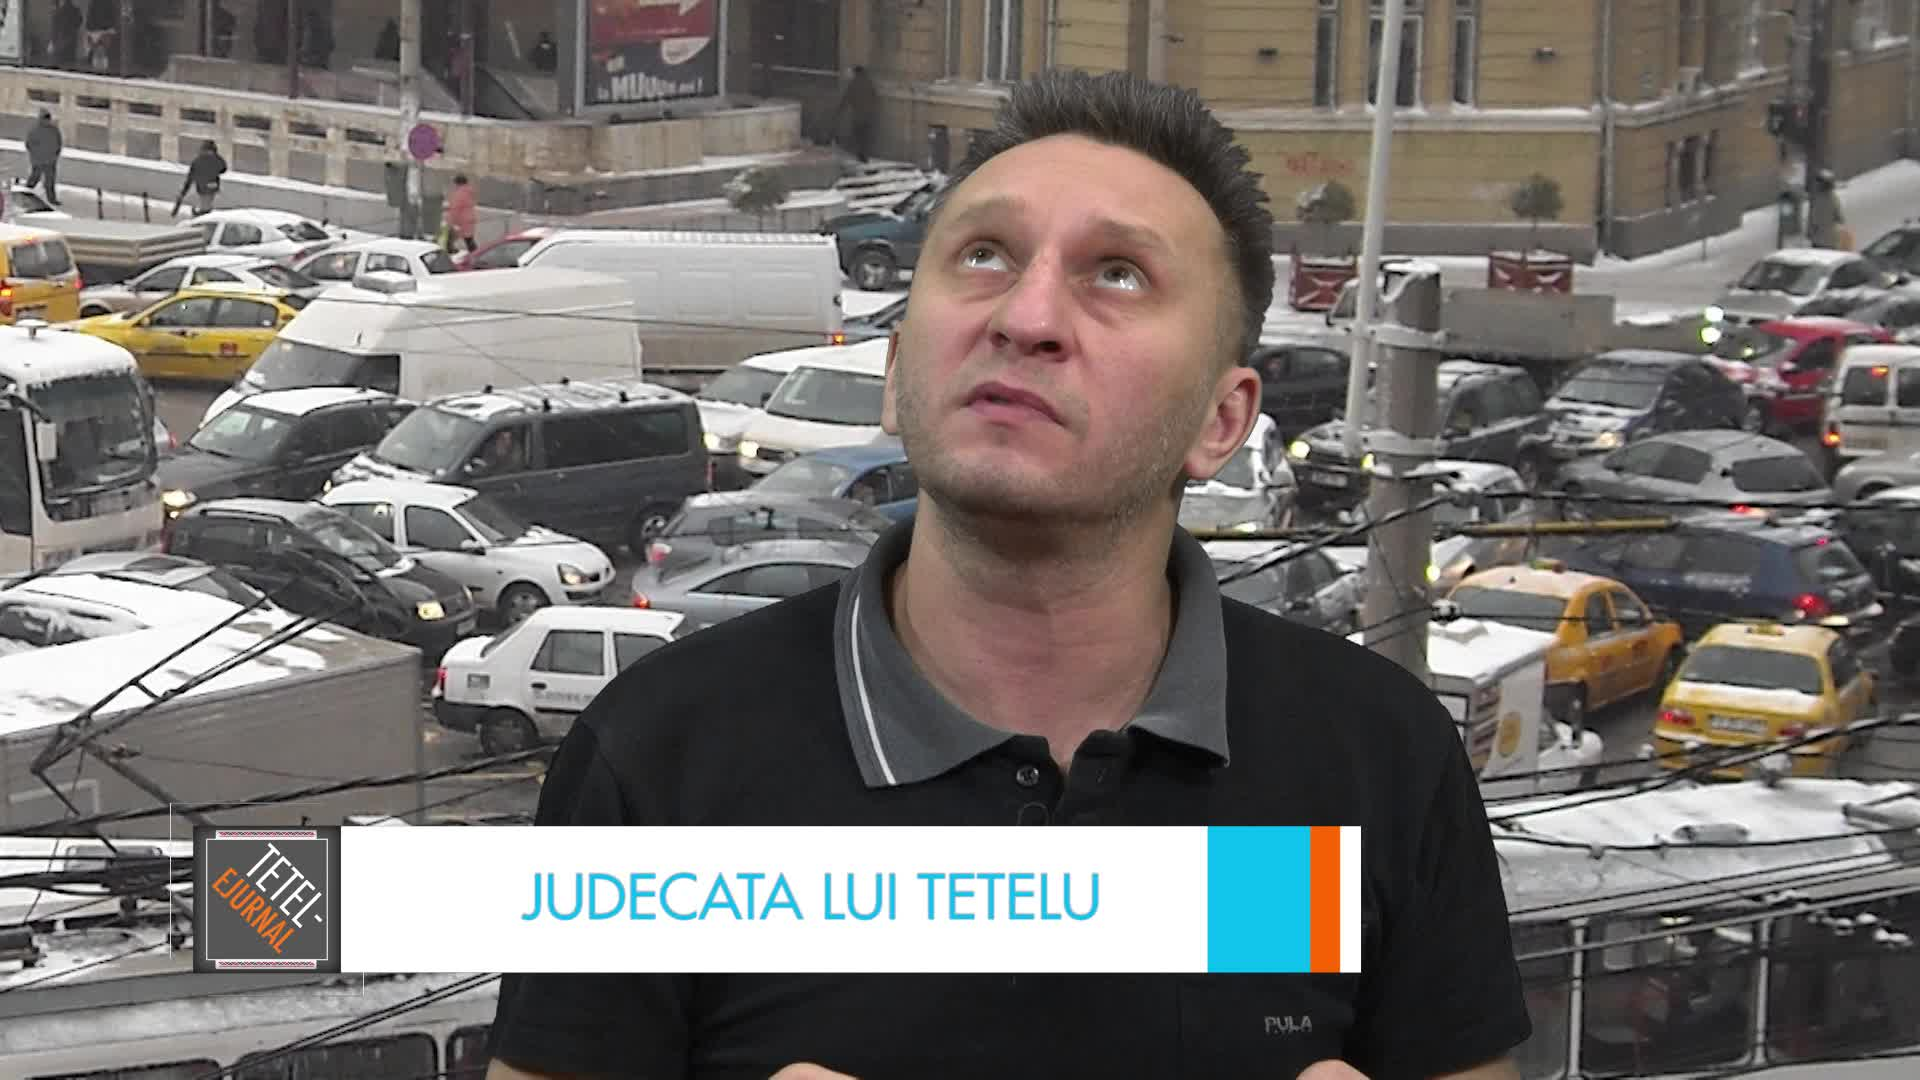 Judecata lui Tetelu: Traficul din Romania